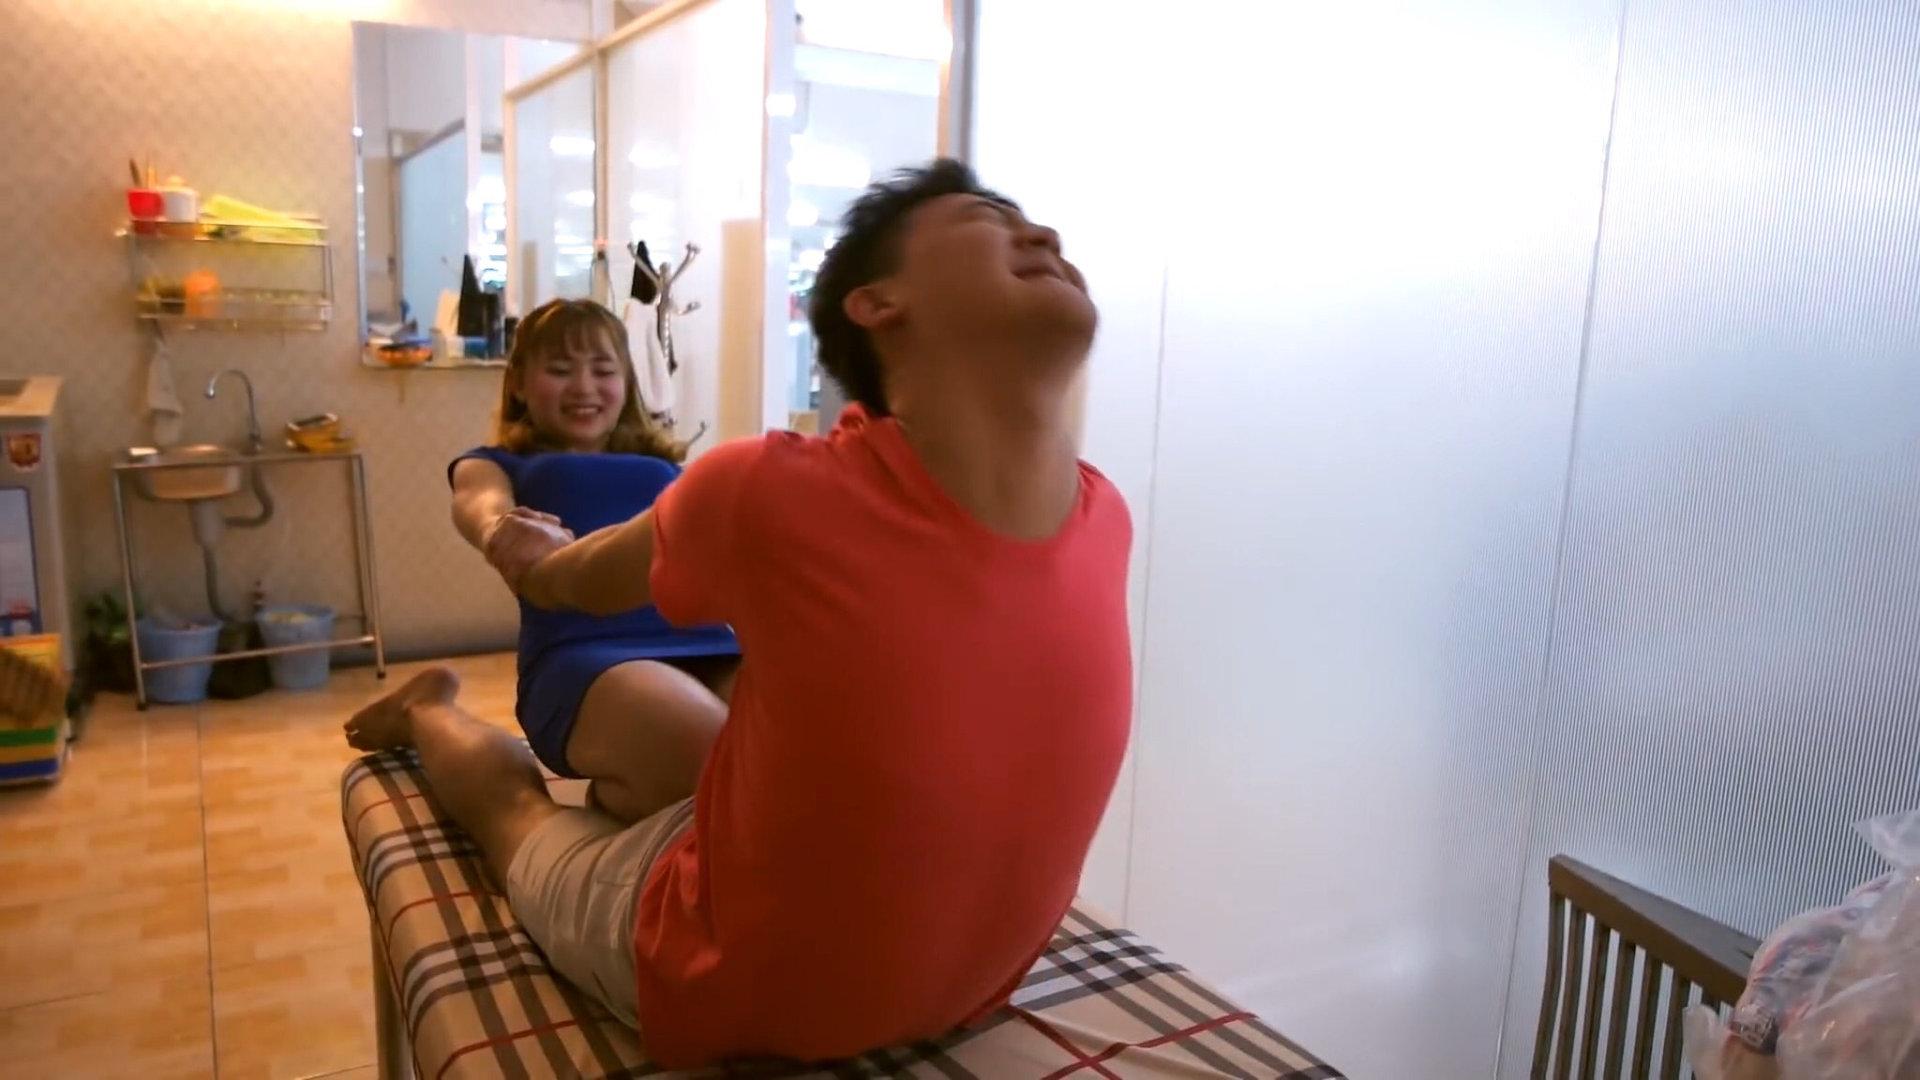 1000円で体験できるエロサービスが凄すぎる理髪店wwwwwww(画像あり)・11枚目